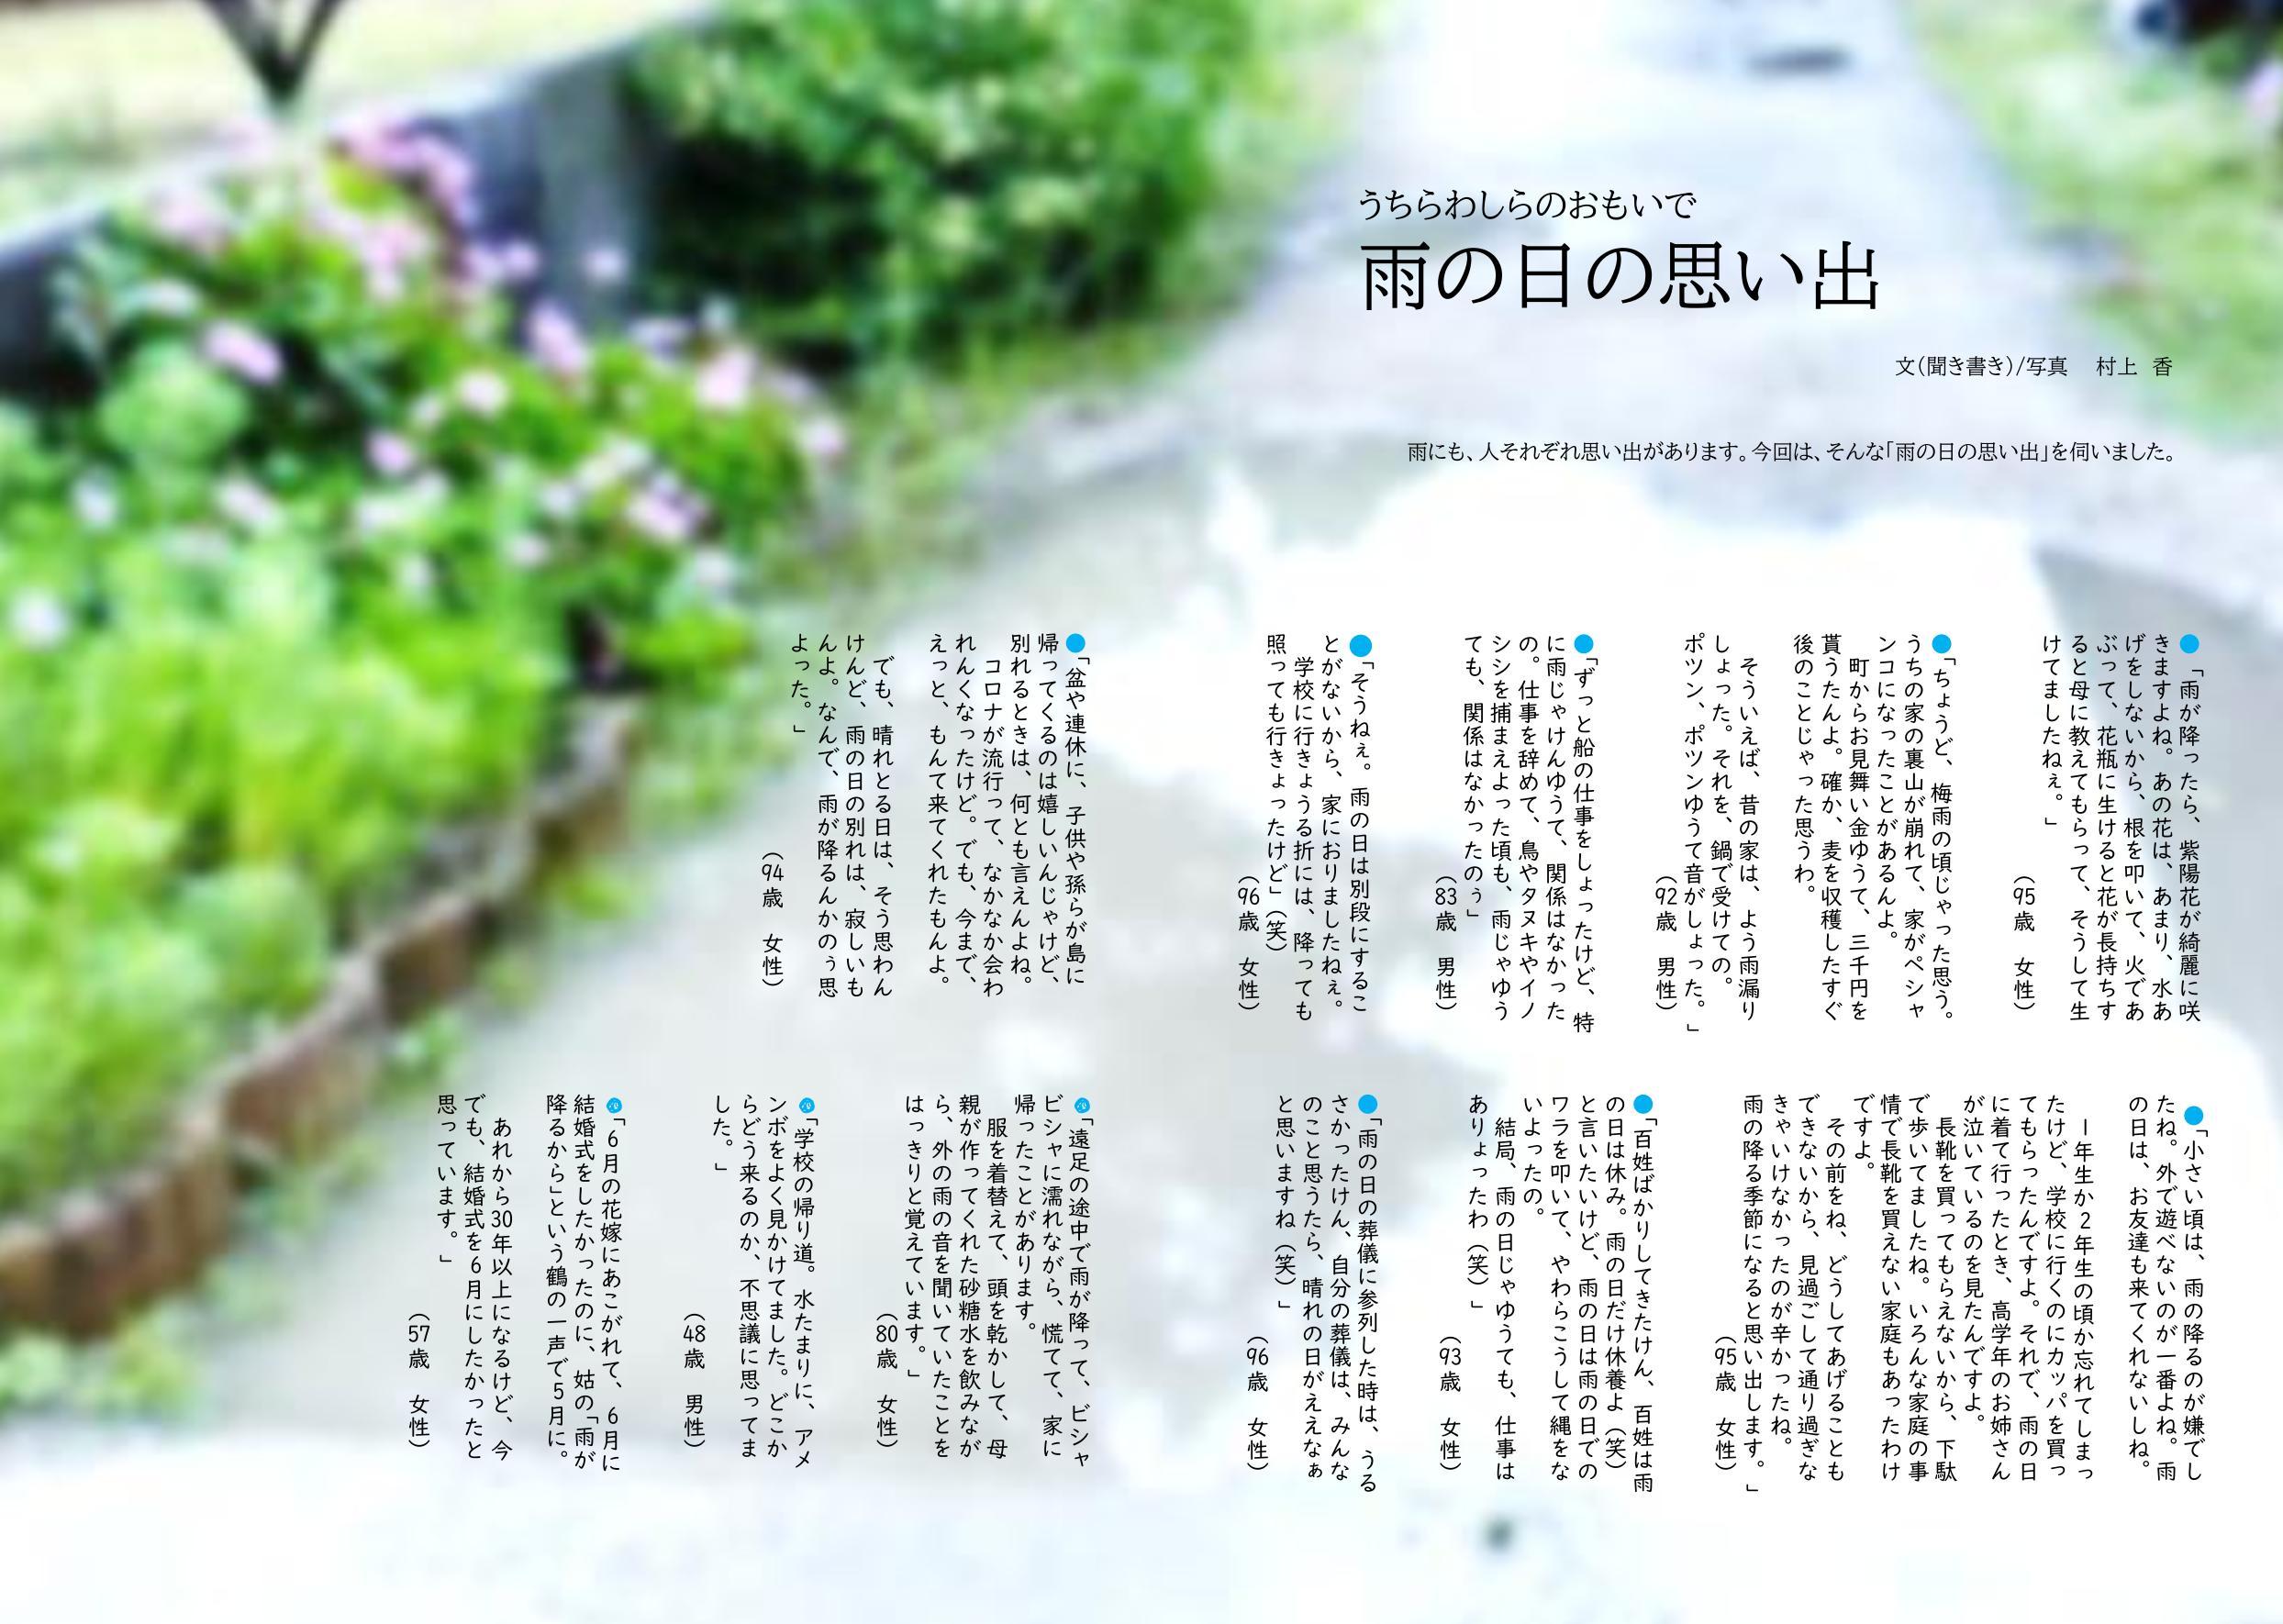 http://fukufukunokai.com/newsletter/images/6%E6%9C%88%E5%8F%B7_cropped_2.jpeg